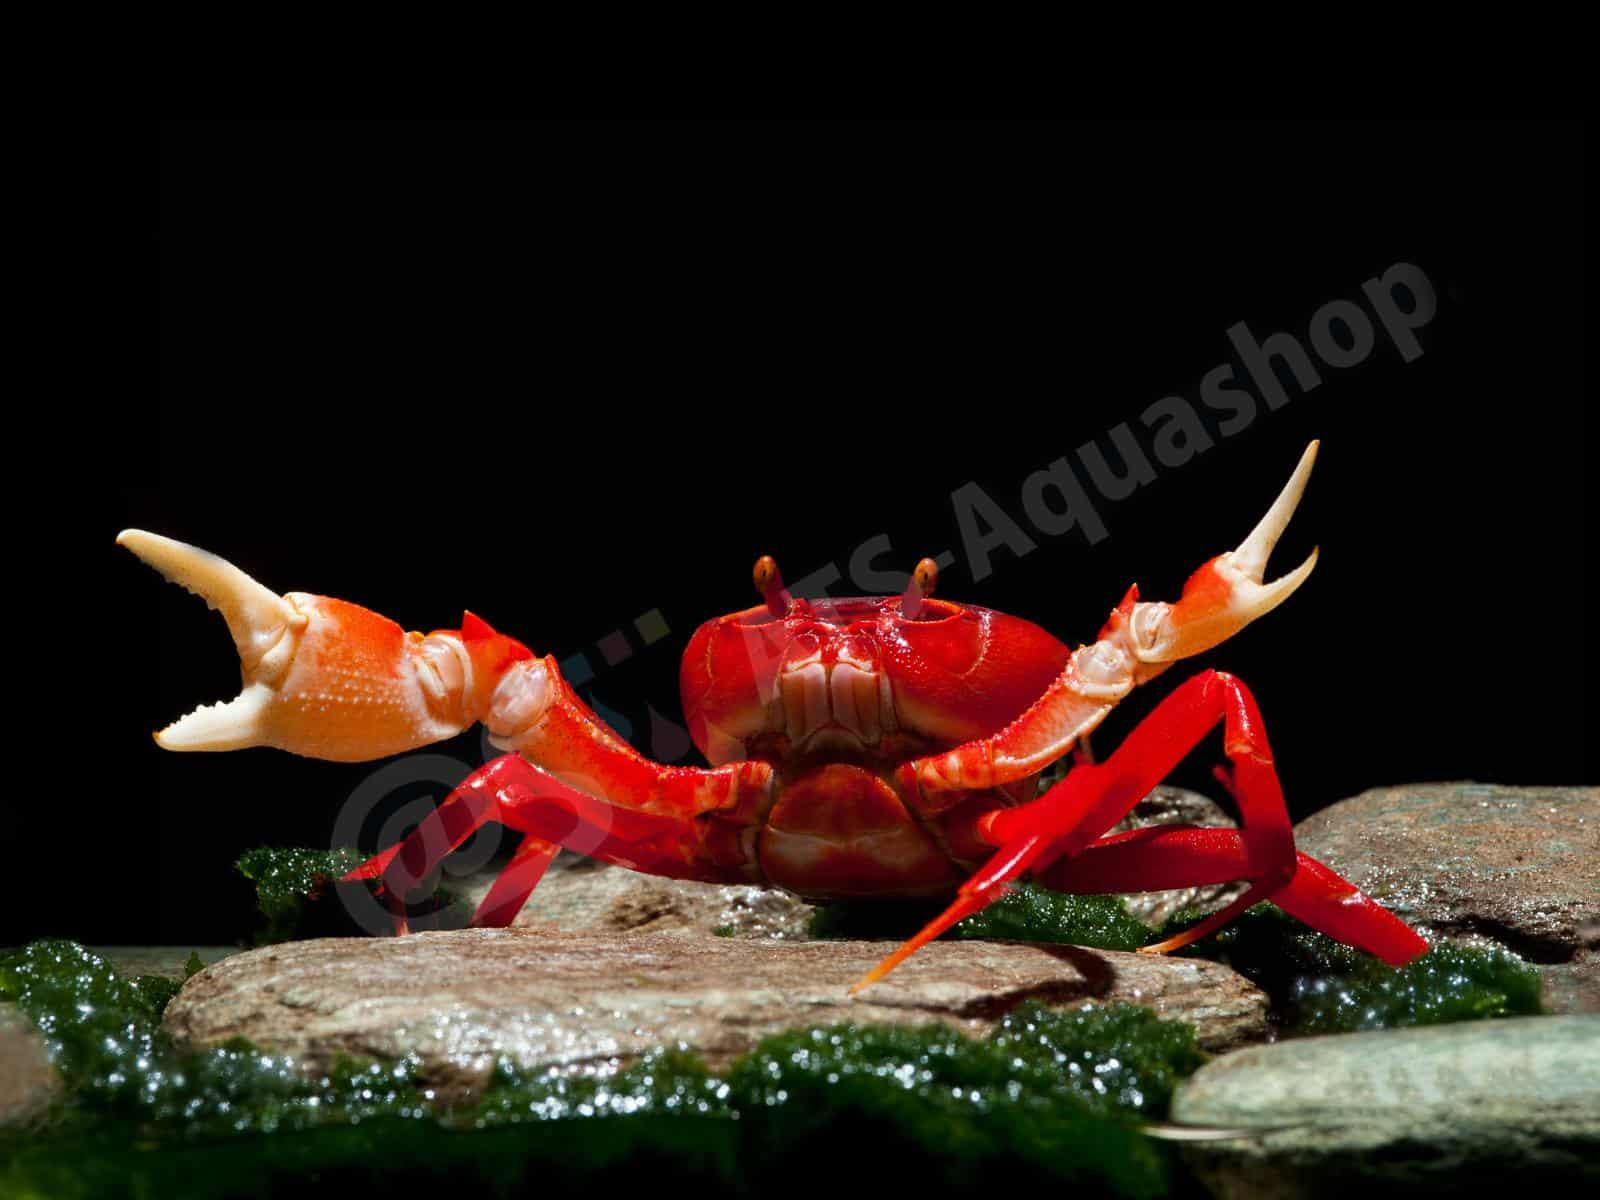 krabbe rot vietnam enrico richter 0252 8